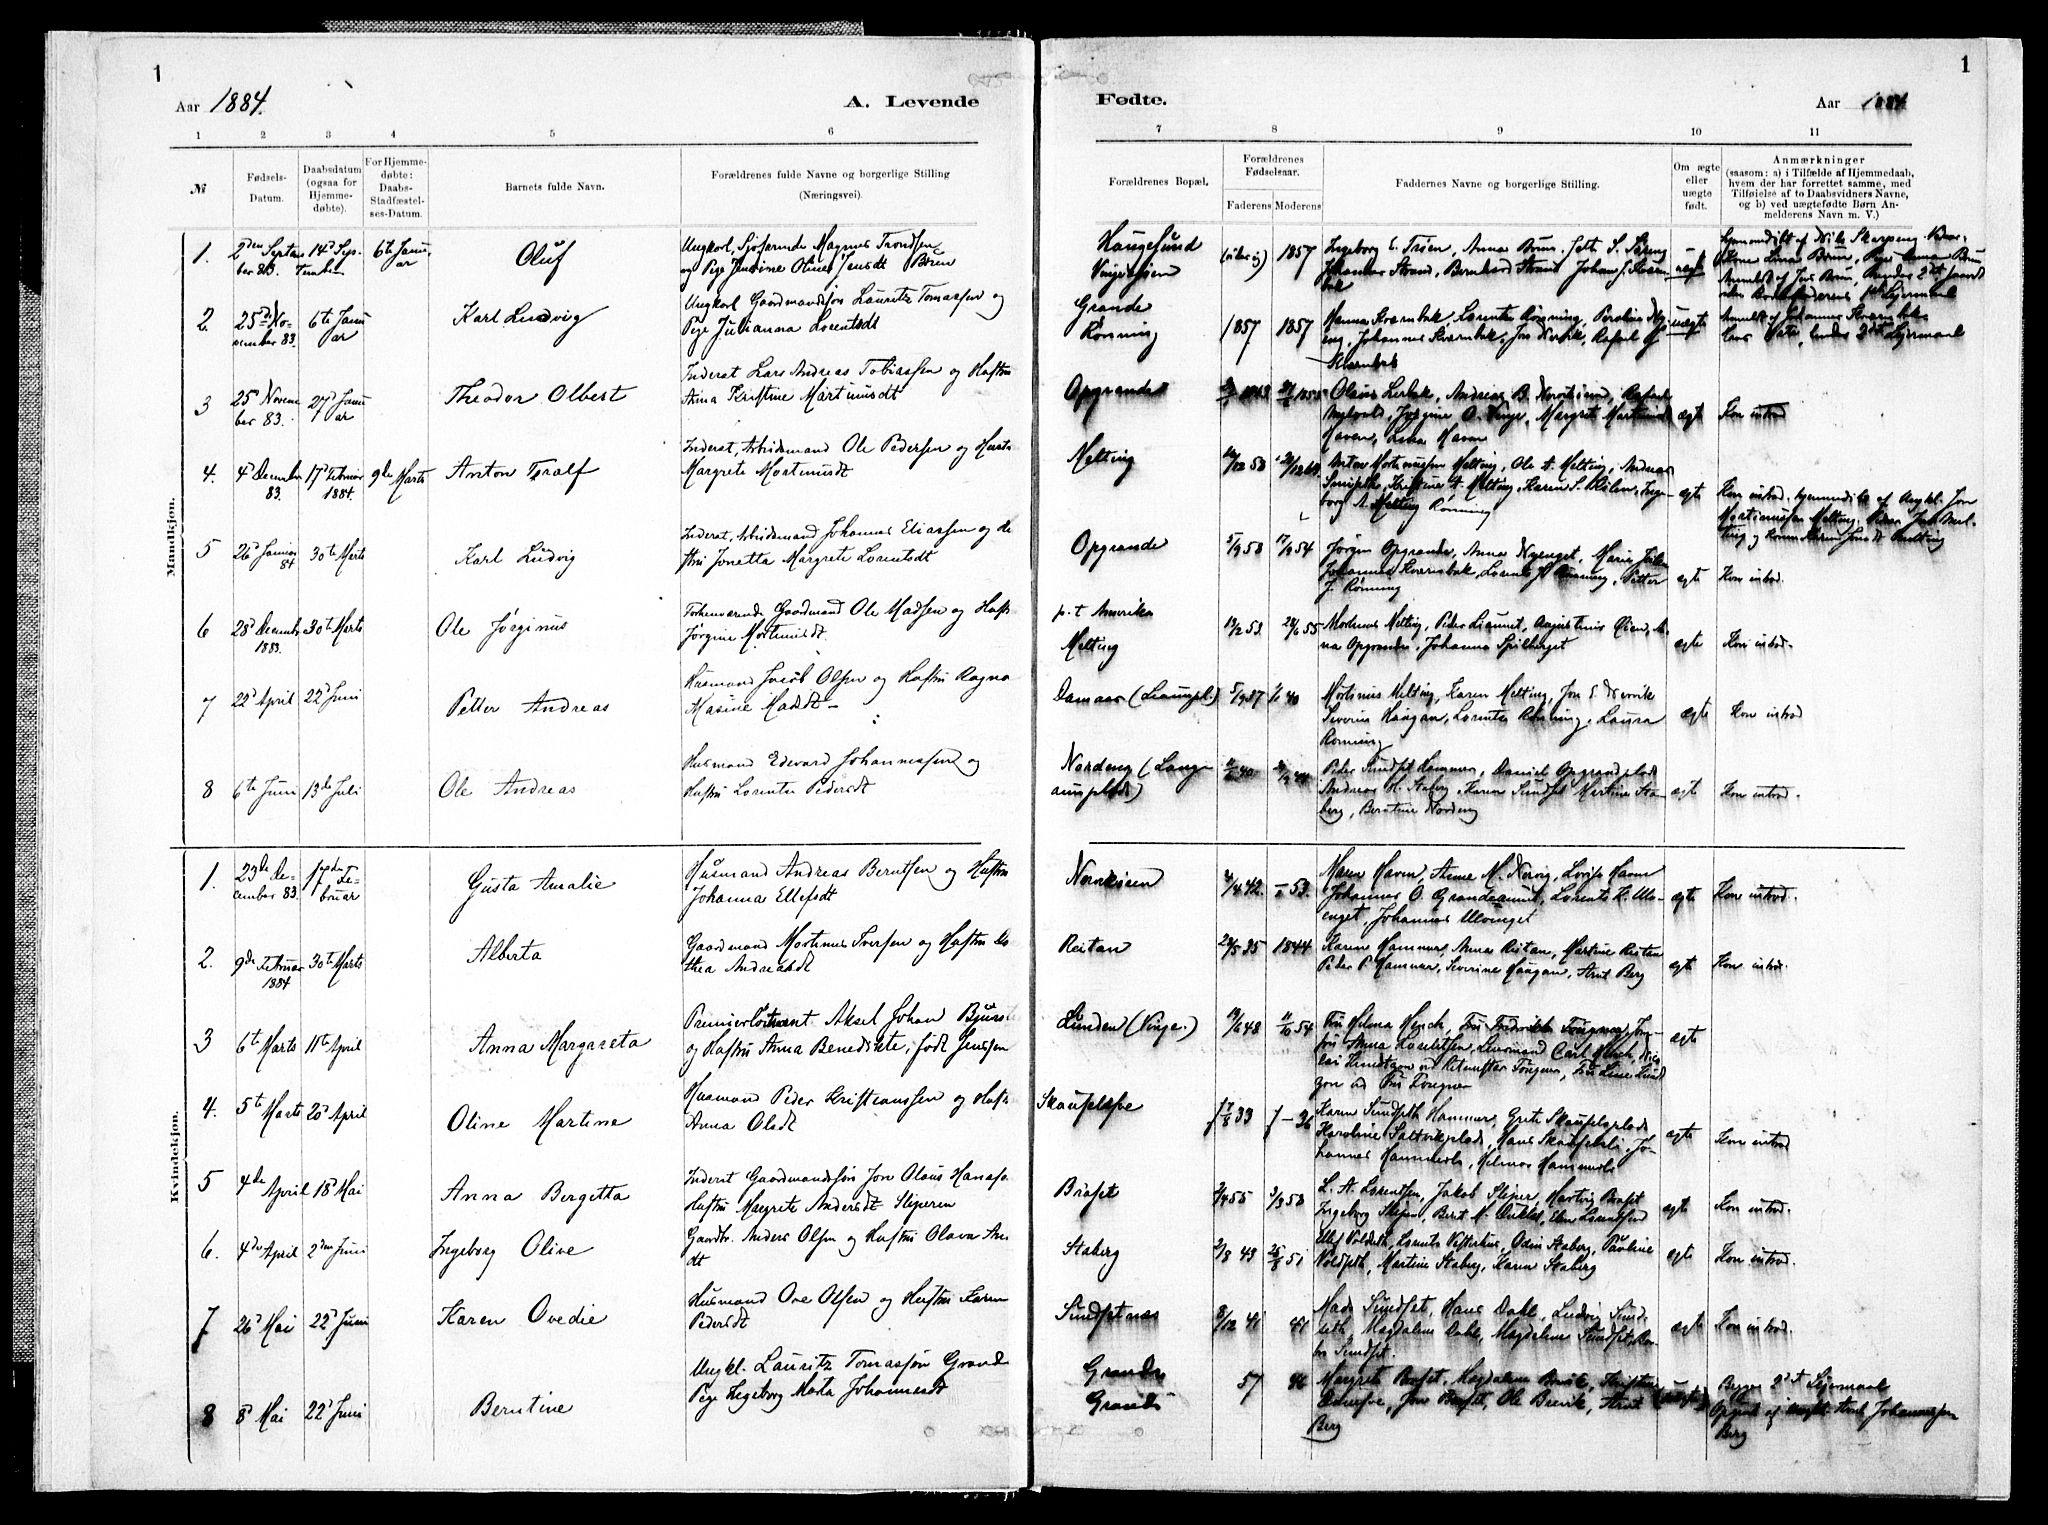 SAT, Ministerialprotokoller, klokkerbøker og fødselsregistre - Nord-Trøndelag, 733/L0325: Ministerialbok nr. 733A04, 1884-1908, s. 1